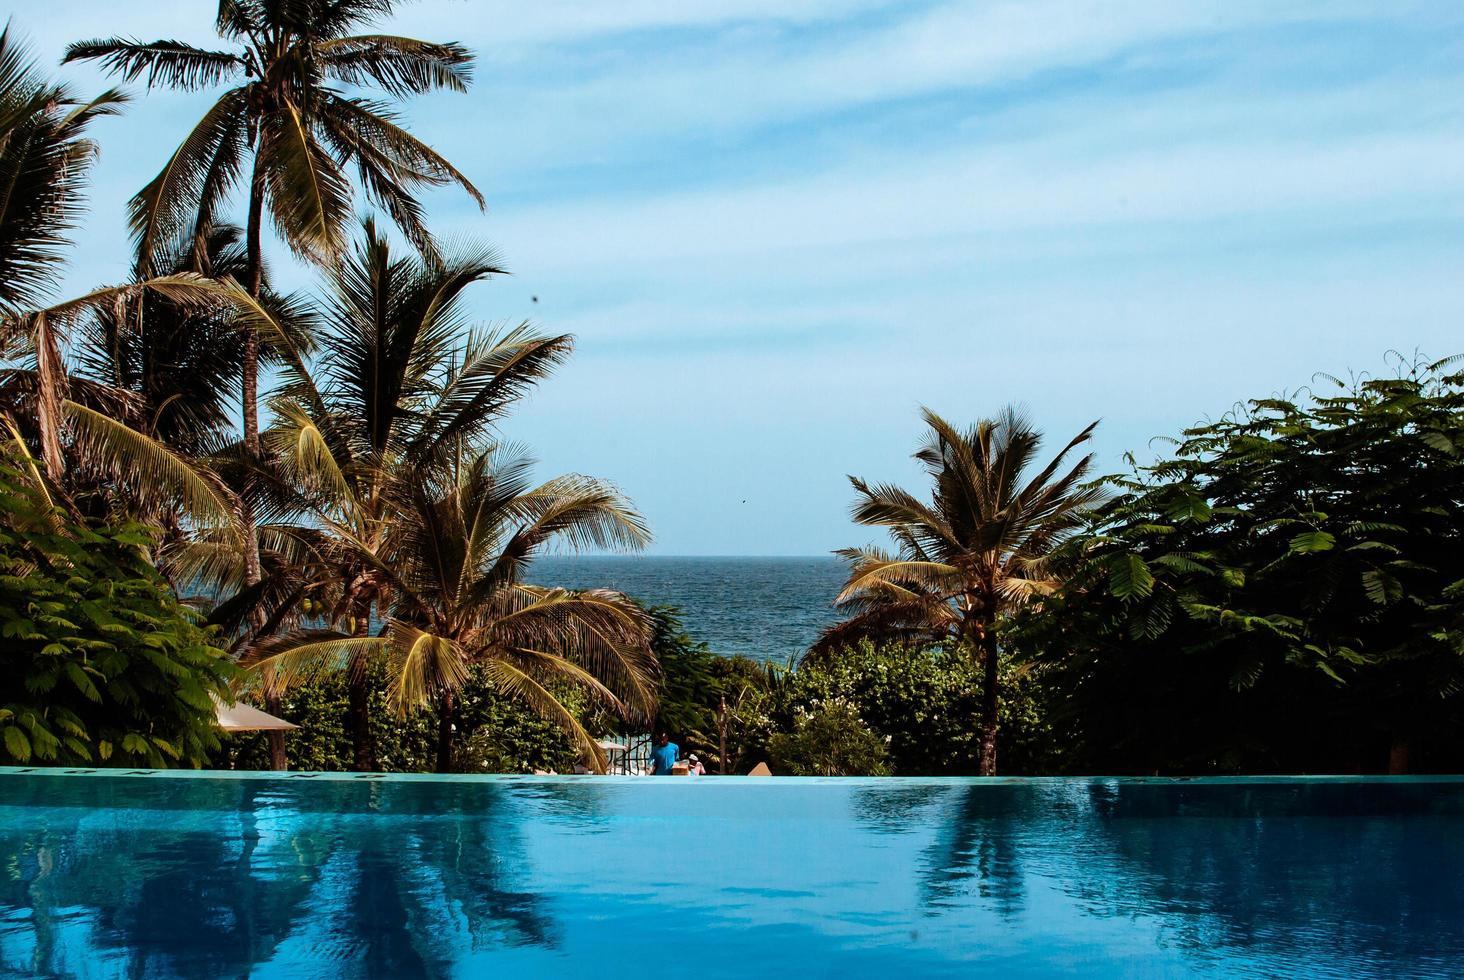 resort zwembad en palmbomen foto